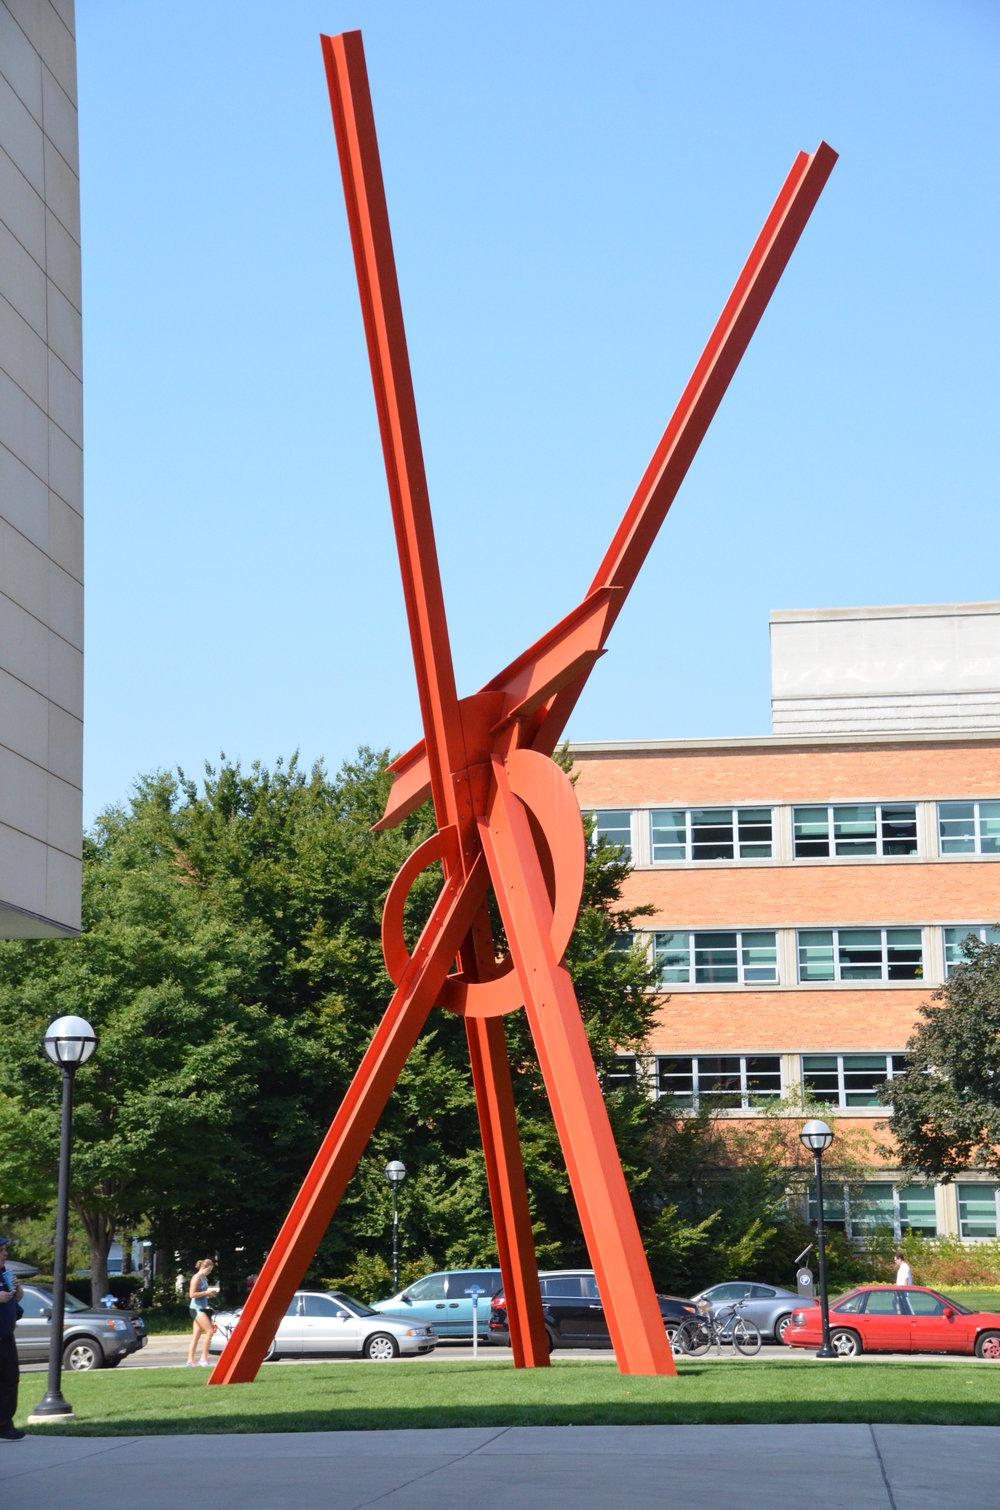 The Art Sculpture.jpg